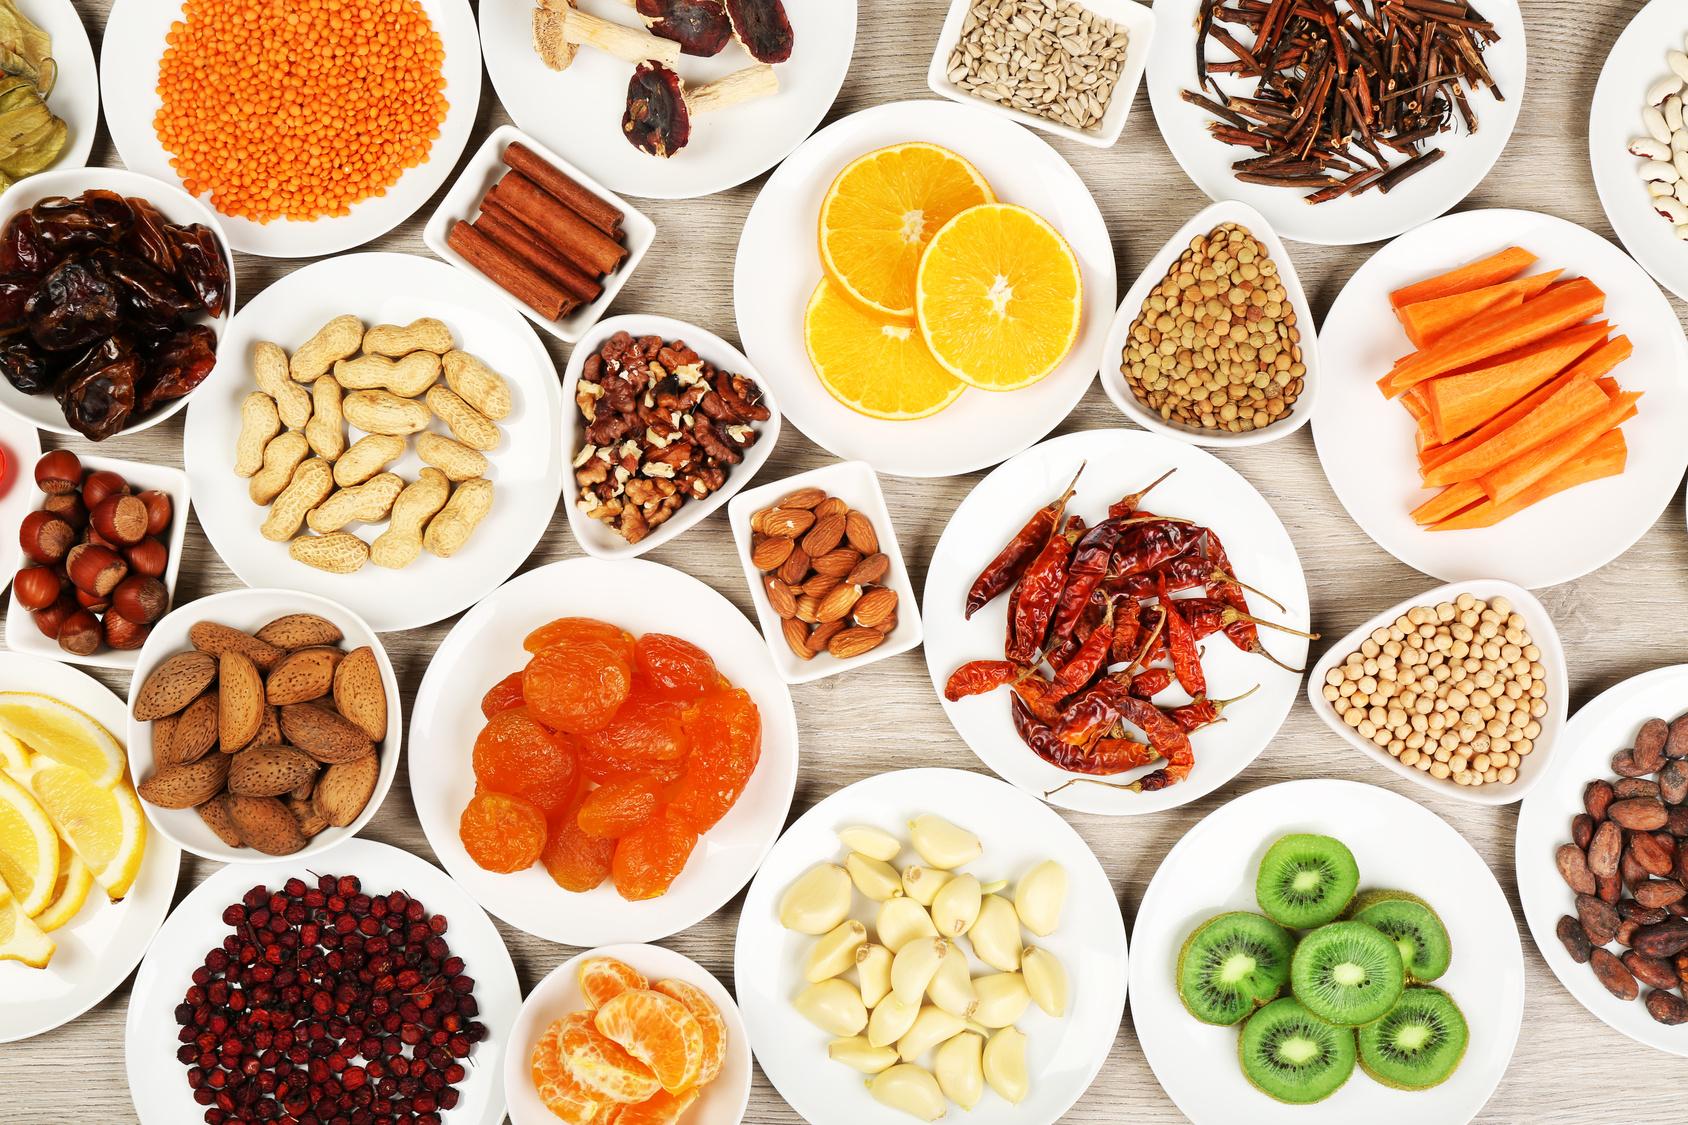 Hartz IV Mehrbedarf für kostenaufwändige Ernährung